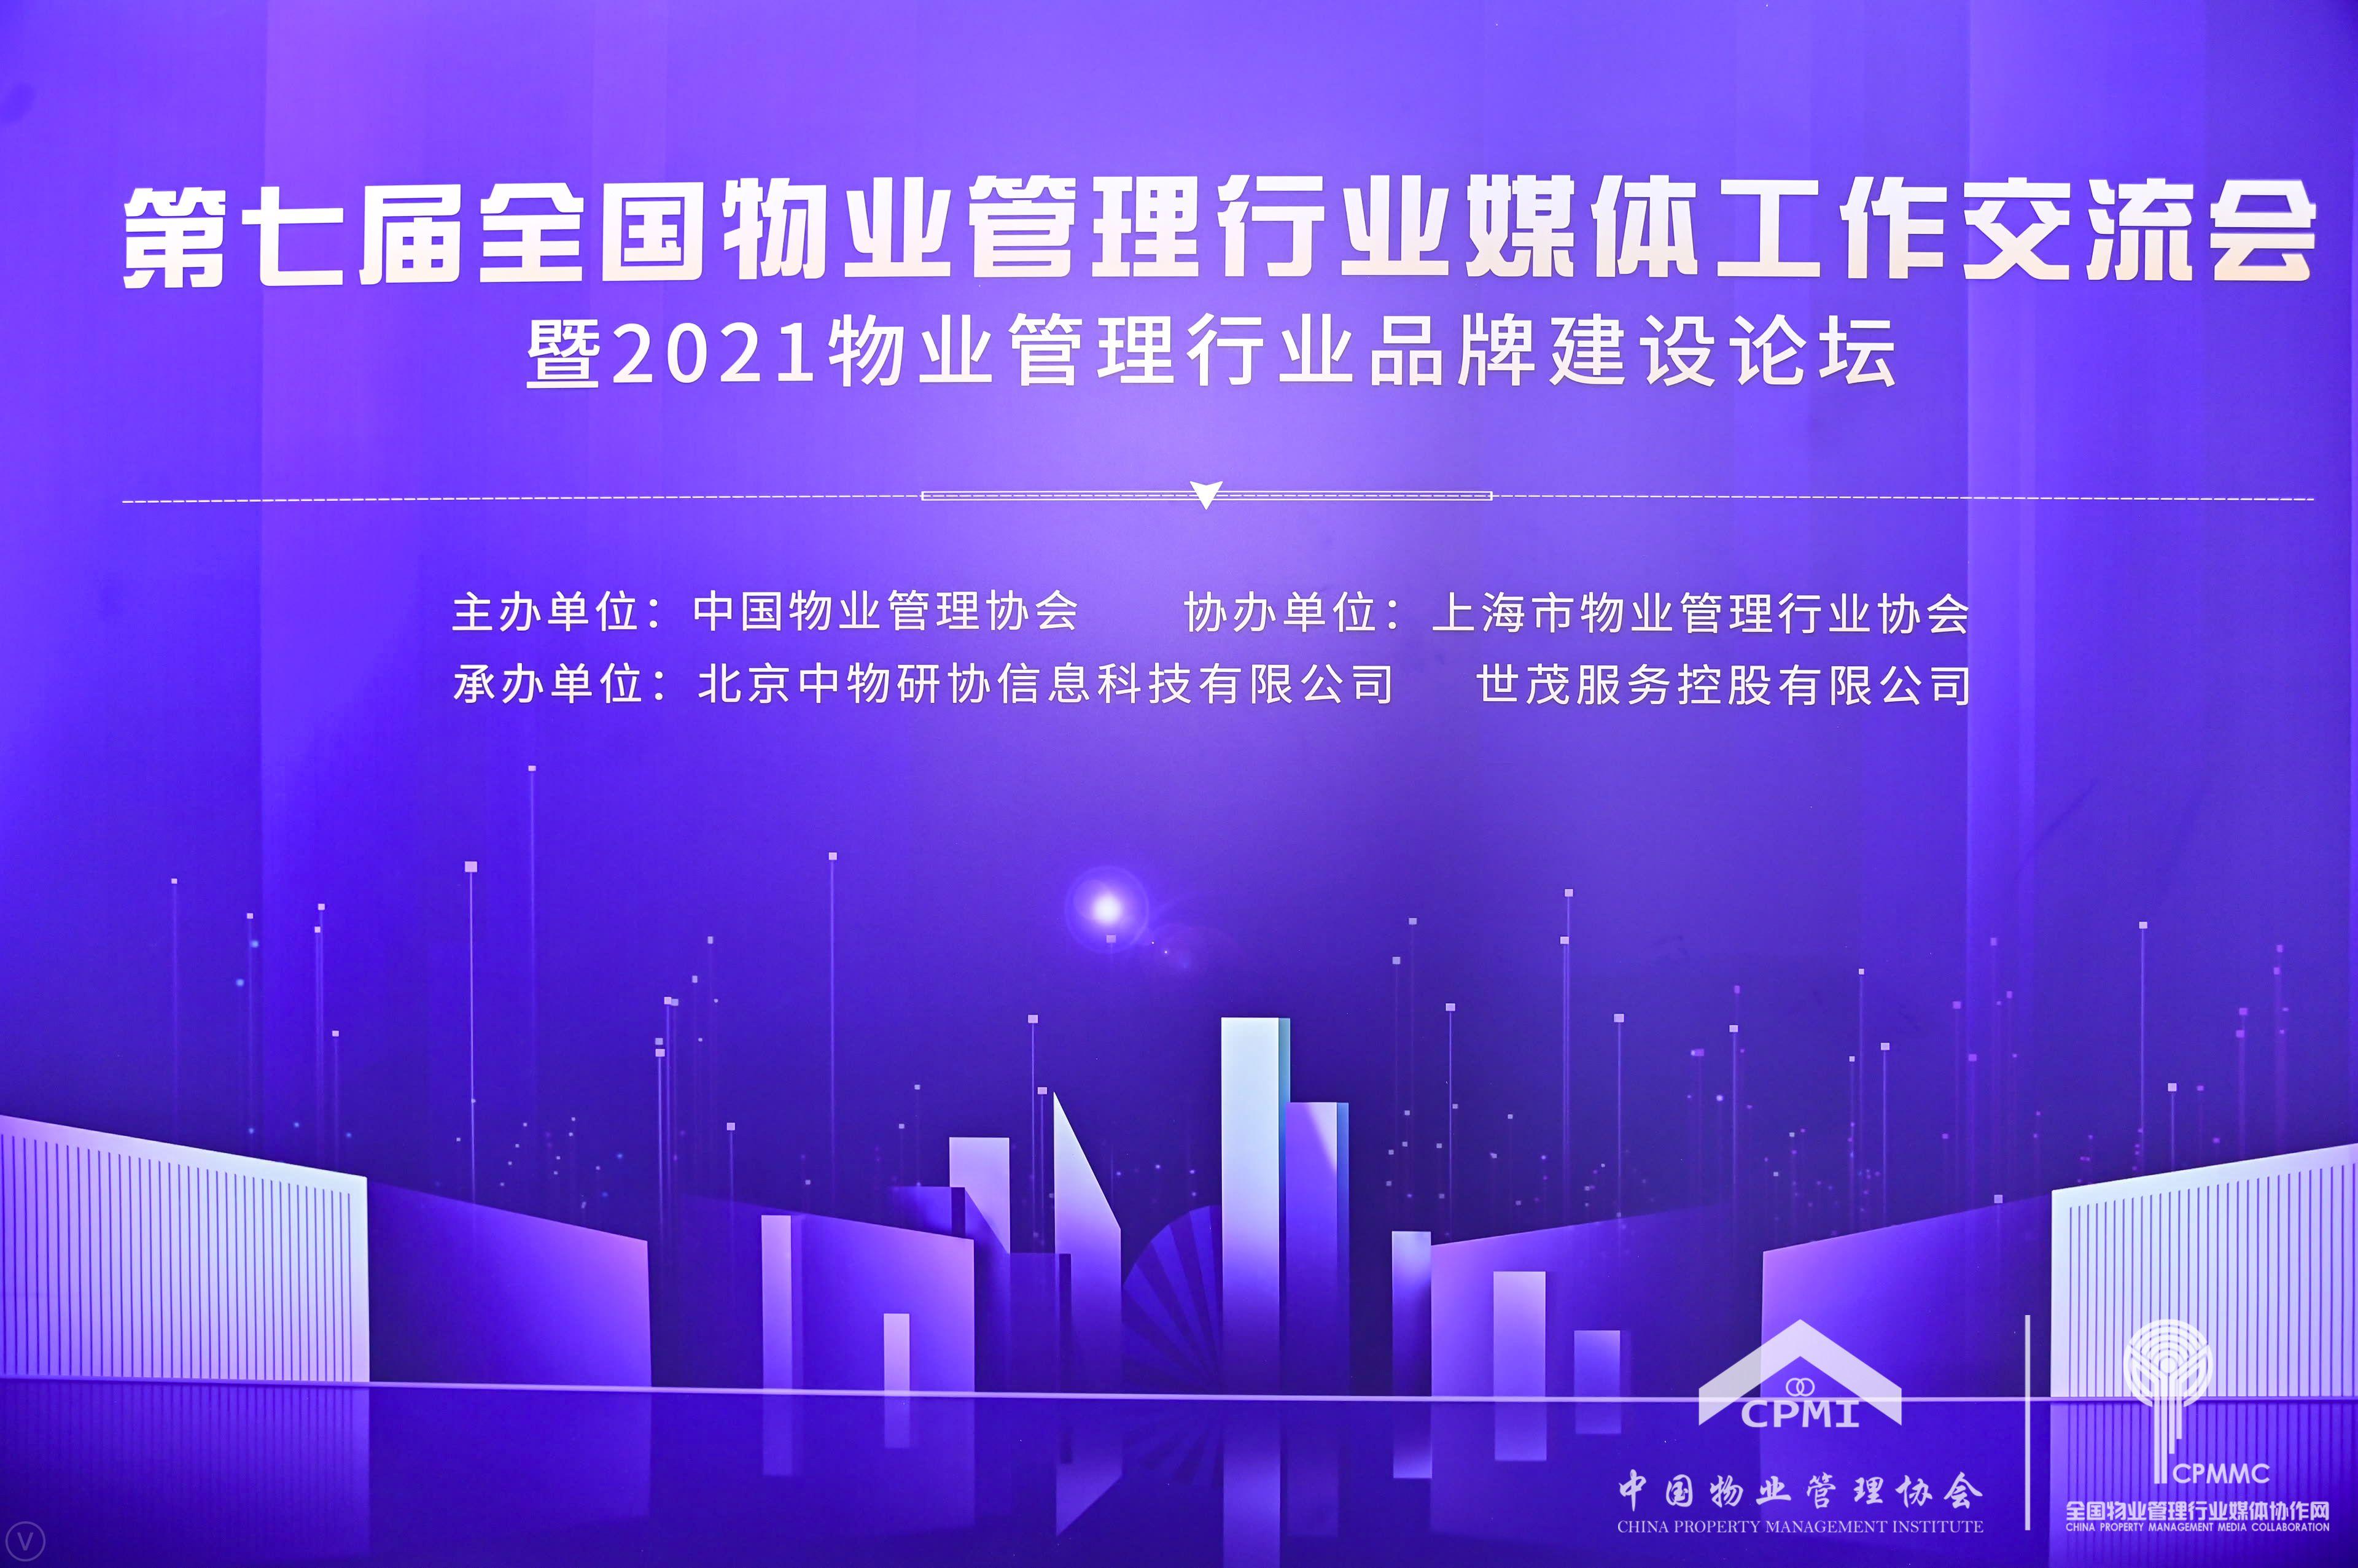 品牌赋能 铸就美好丨南都物业荣获2021中国物业服务企业品牌价值100强